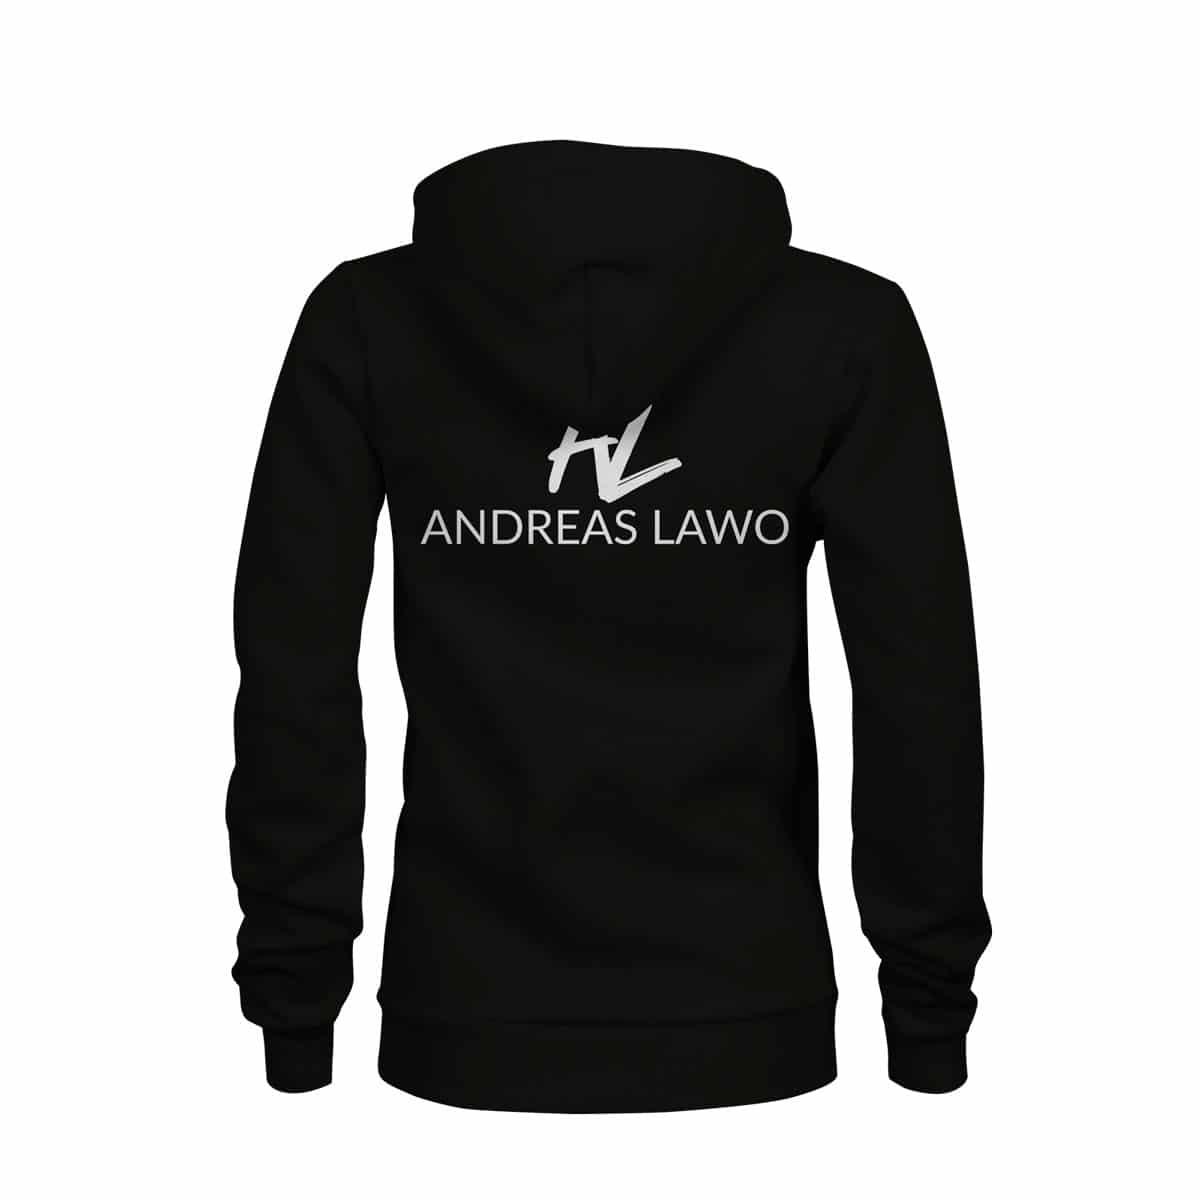 Andreas Lawo ZIP Hoodie Damen schwarz